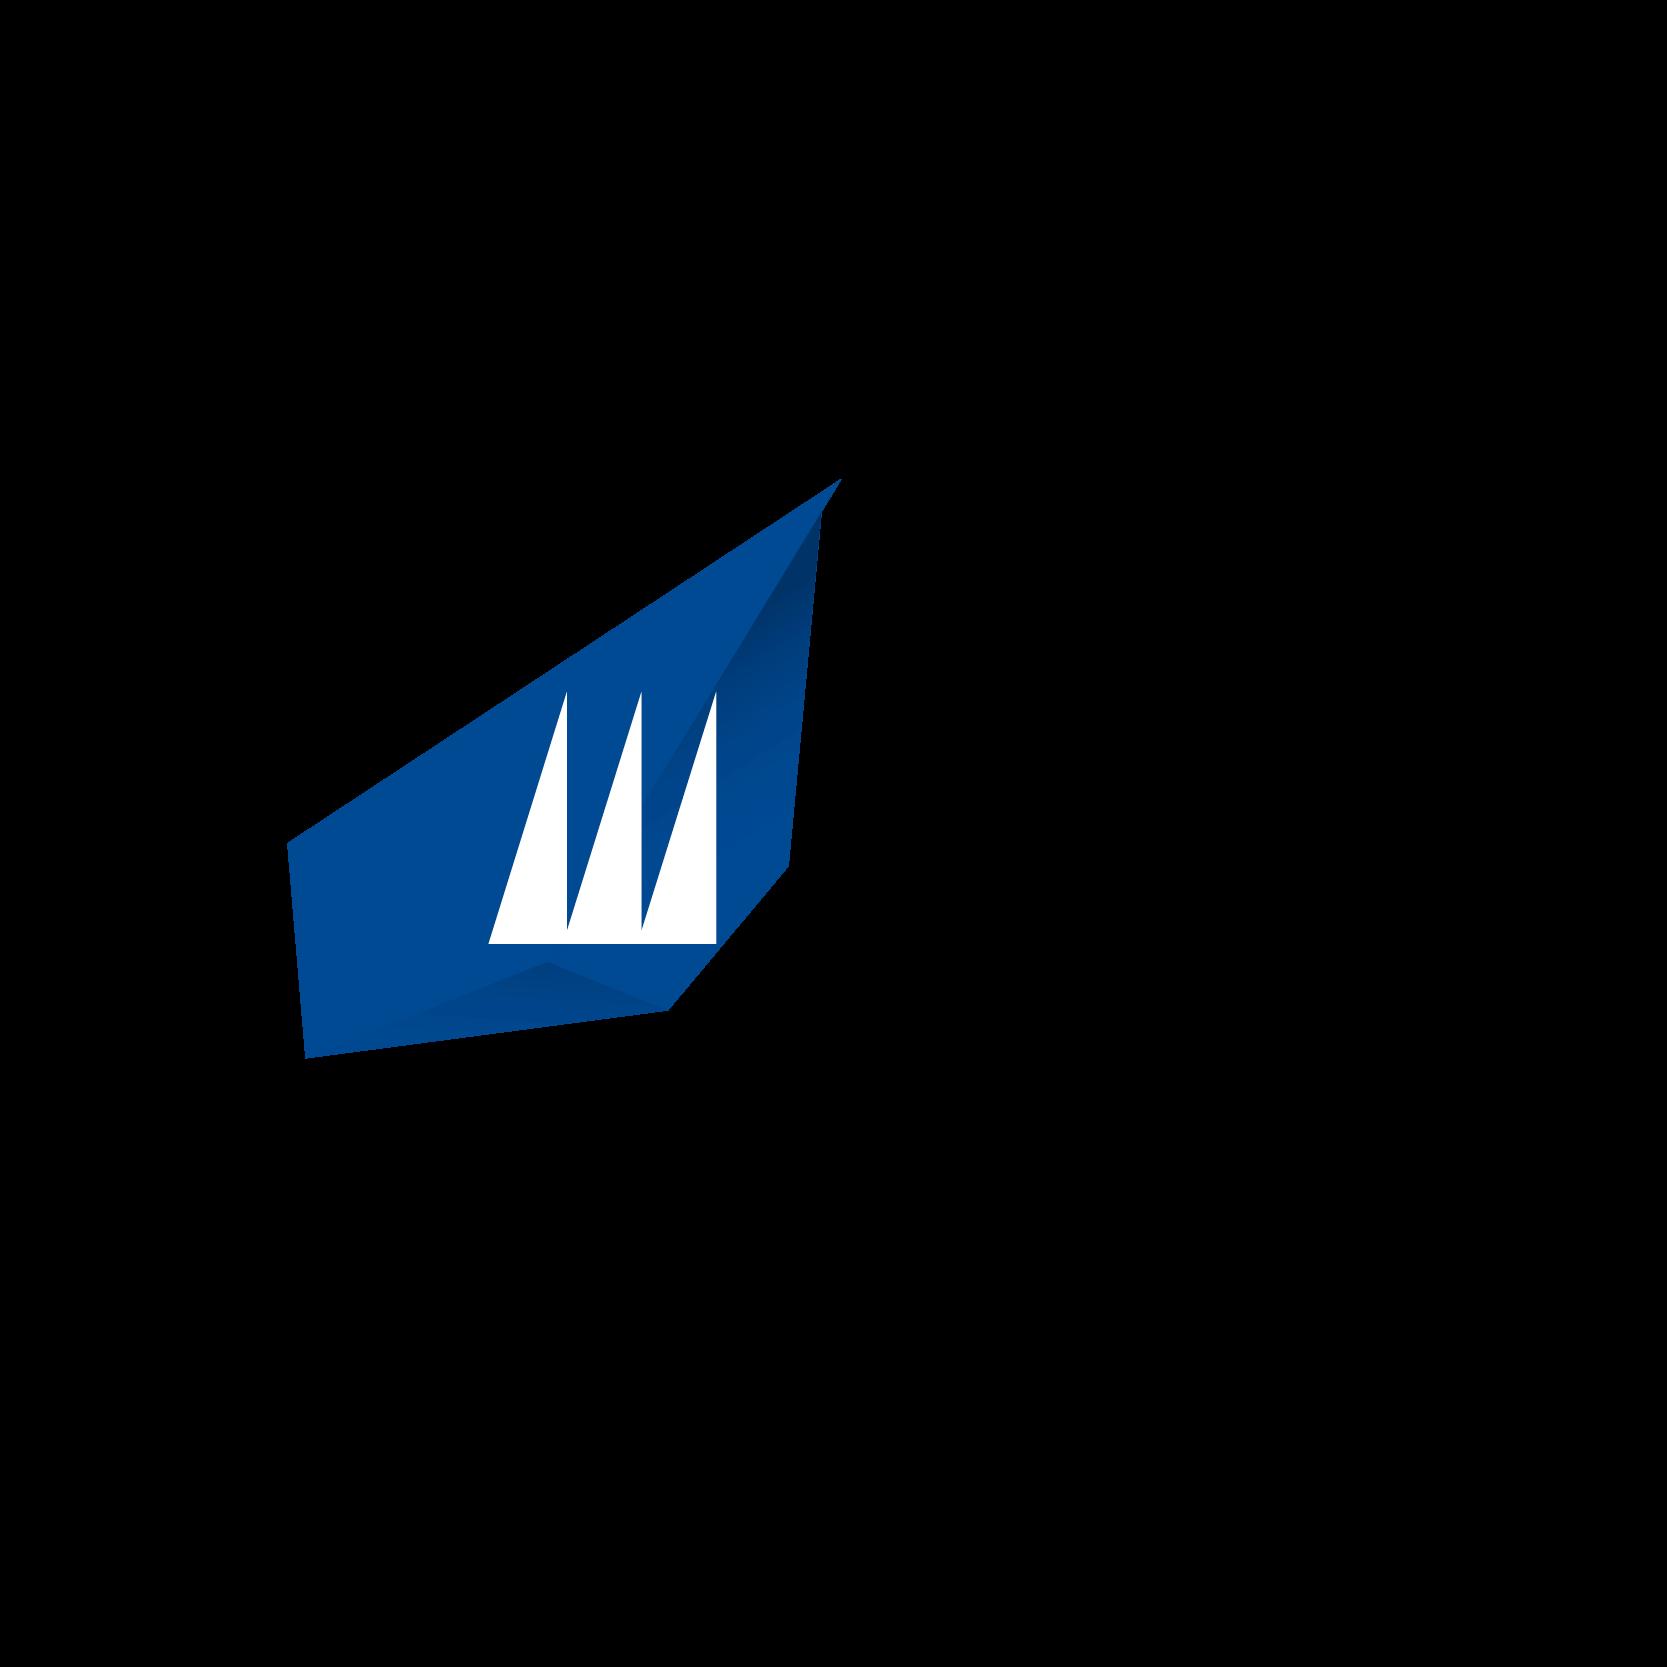 HS_logo5